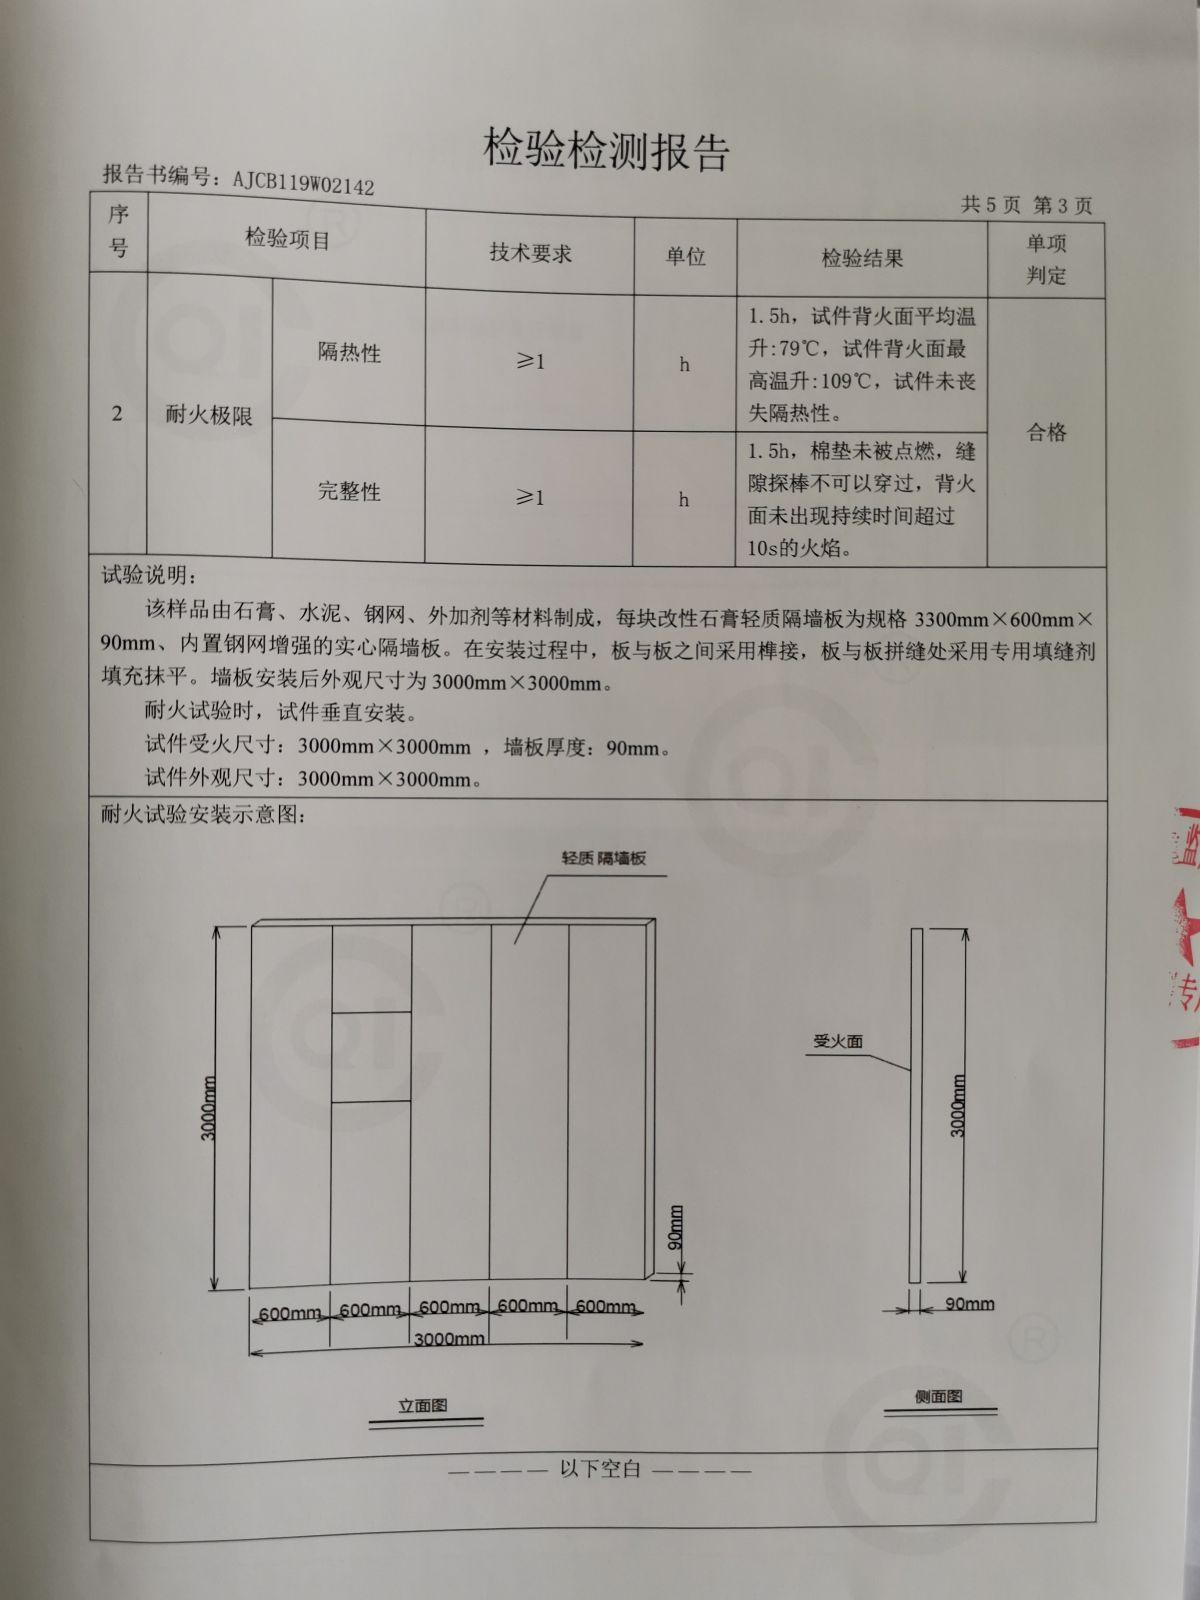 石膏轻质隔墙板隔音耐火性能检验报告4